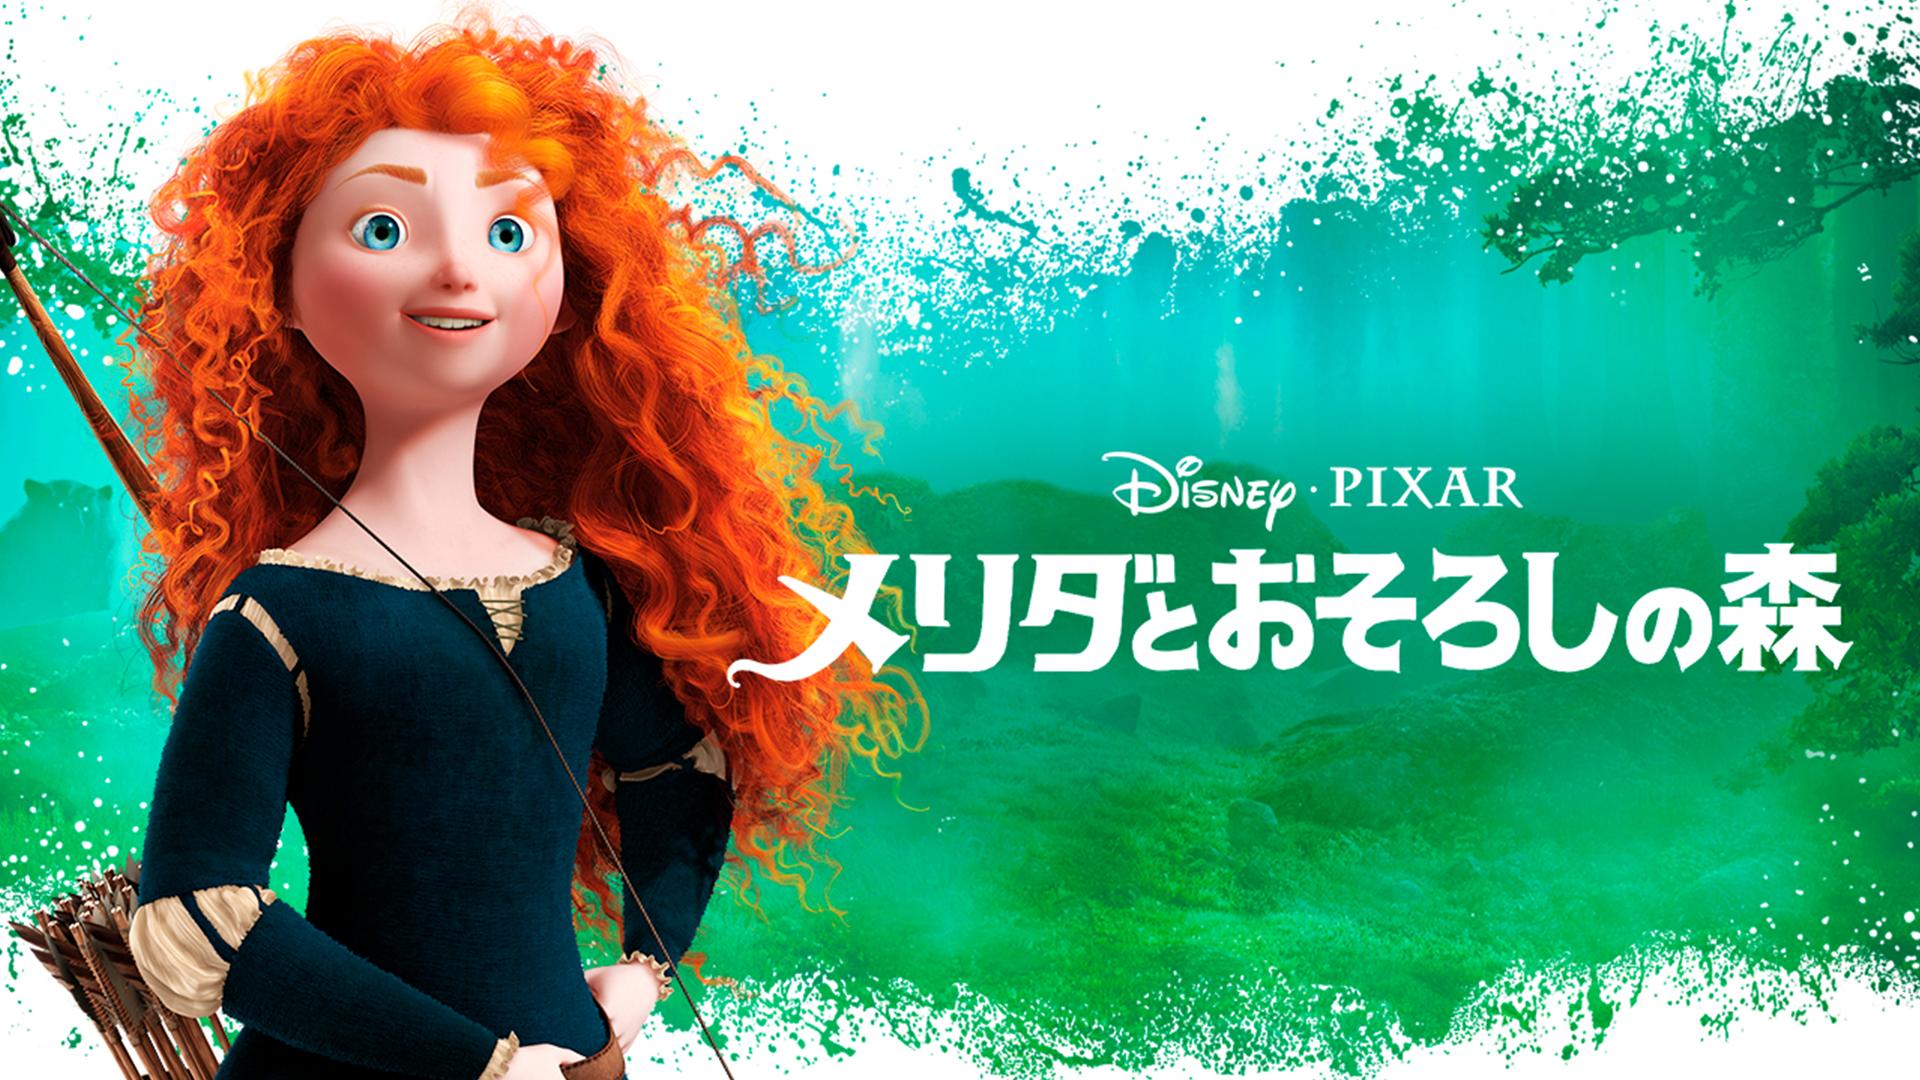 【映画】メリダとおそろしの森のレビュー・予告・あらすじ